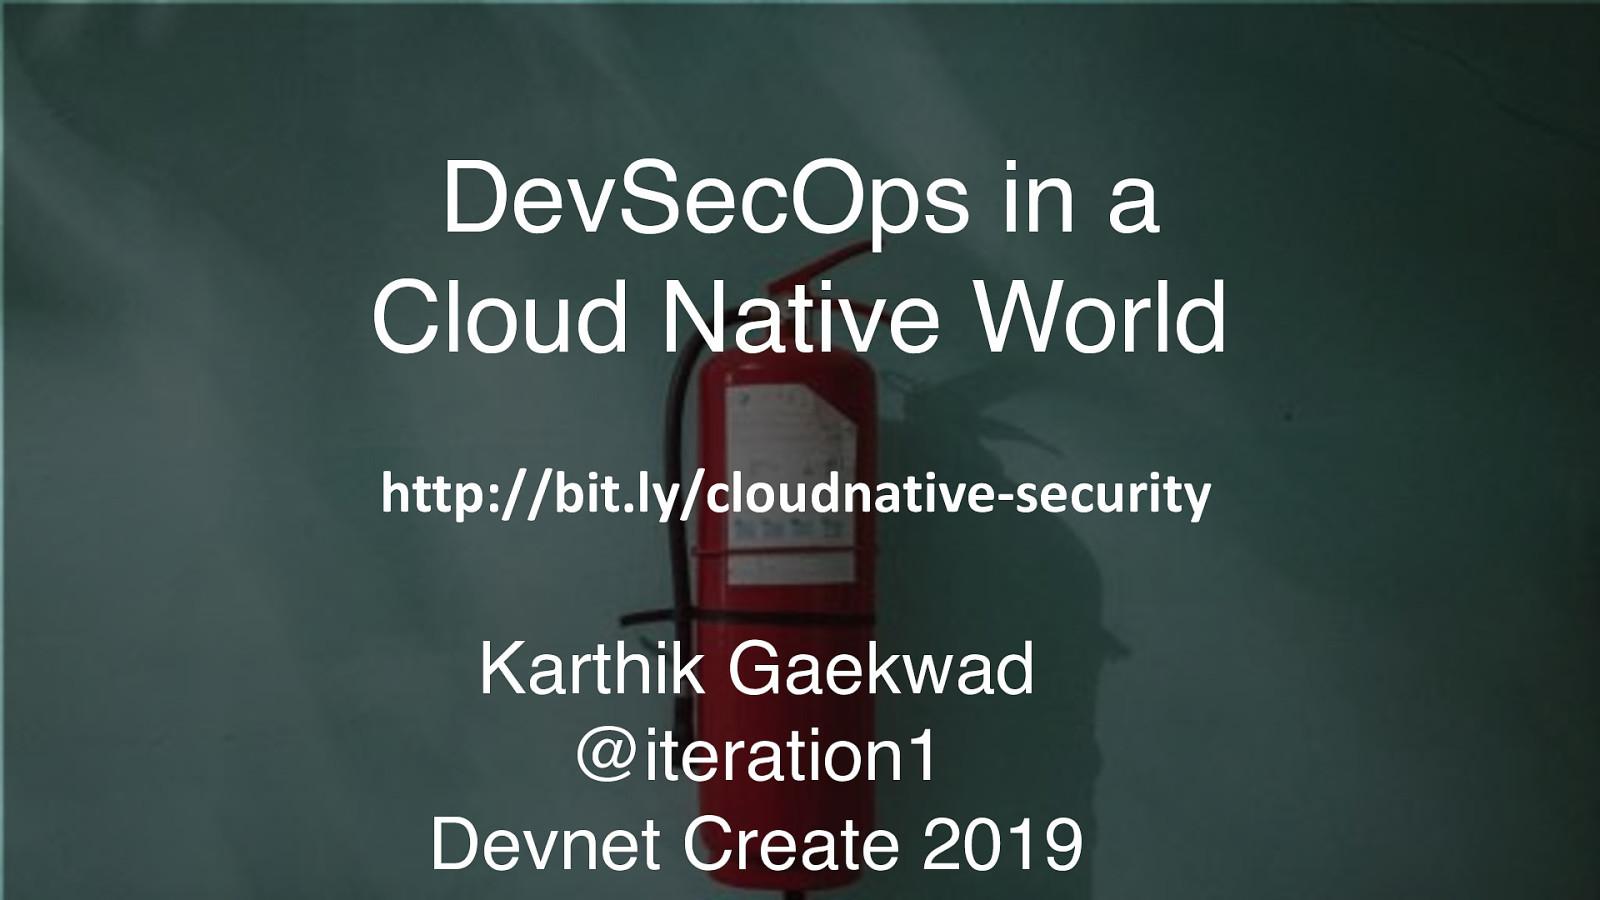 DevSecOps in a cloudnative world